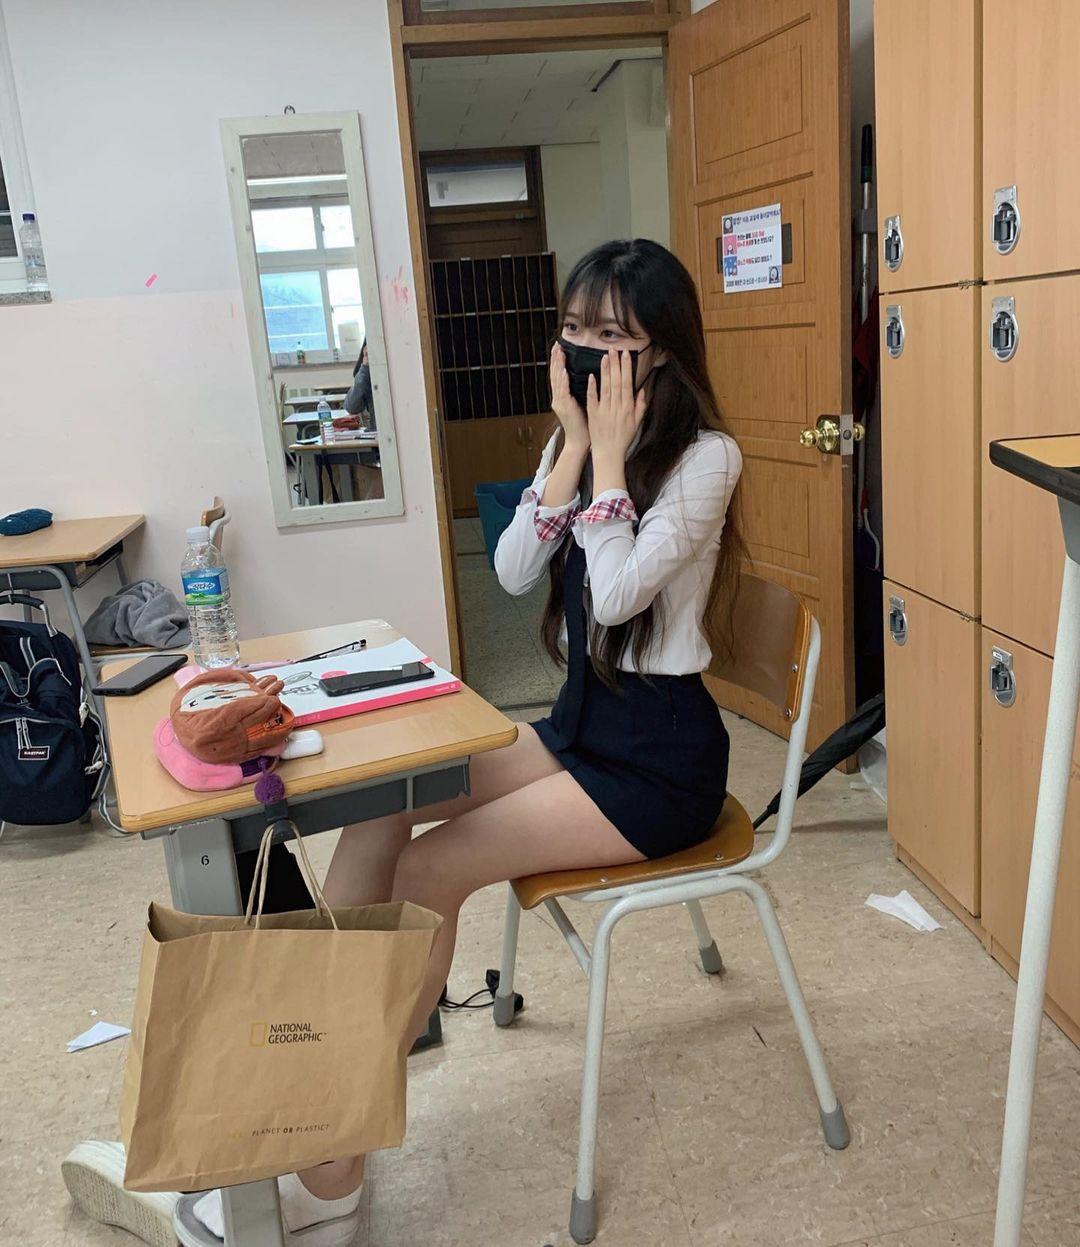 清秀学生妹@백징니制服短裙露出逆天长腿 妹子图 热图3